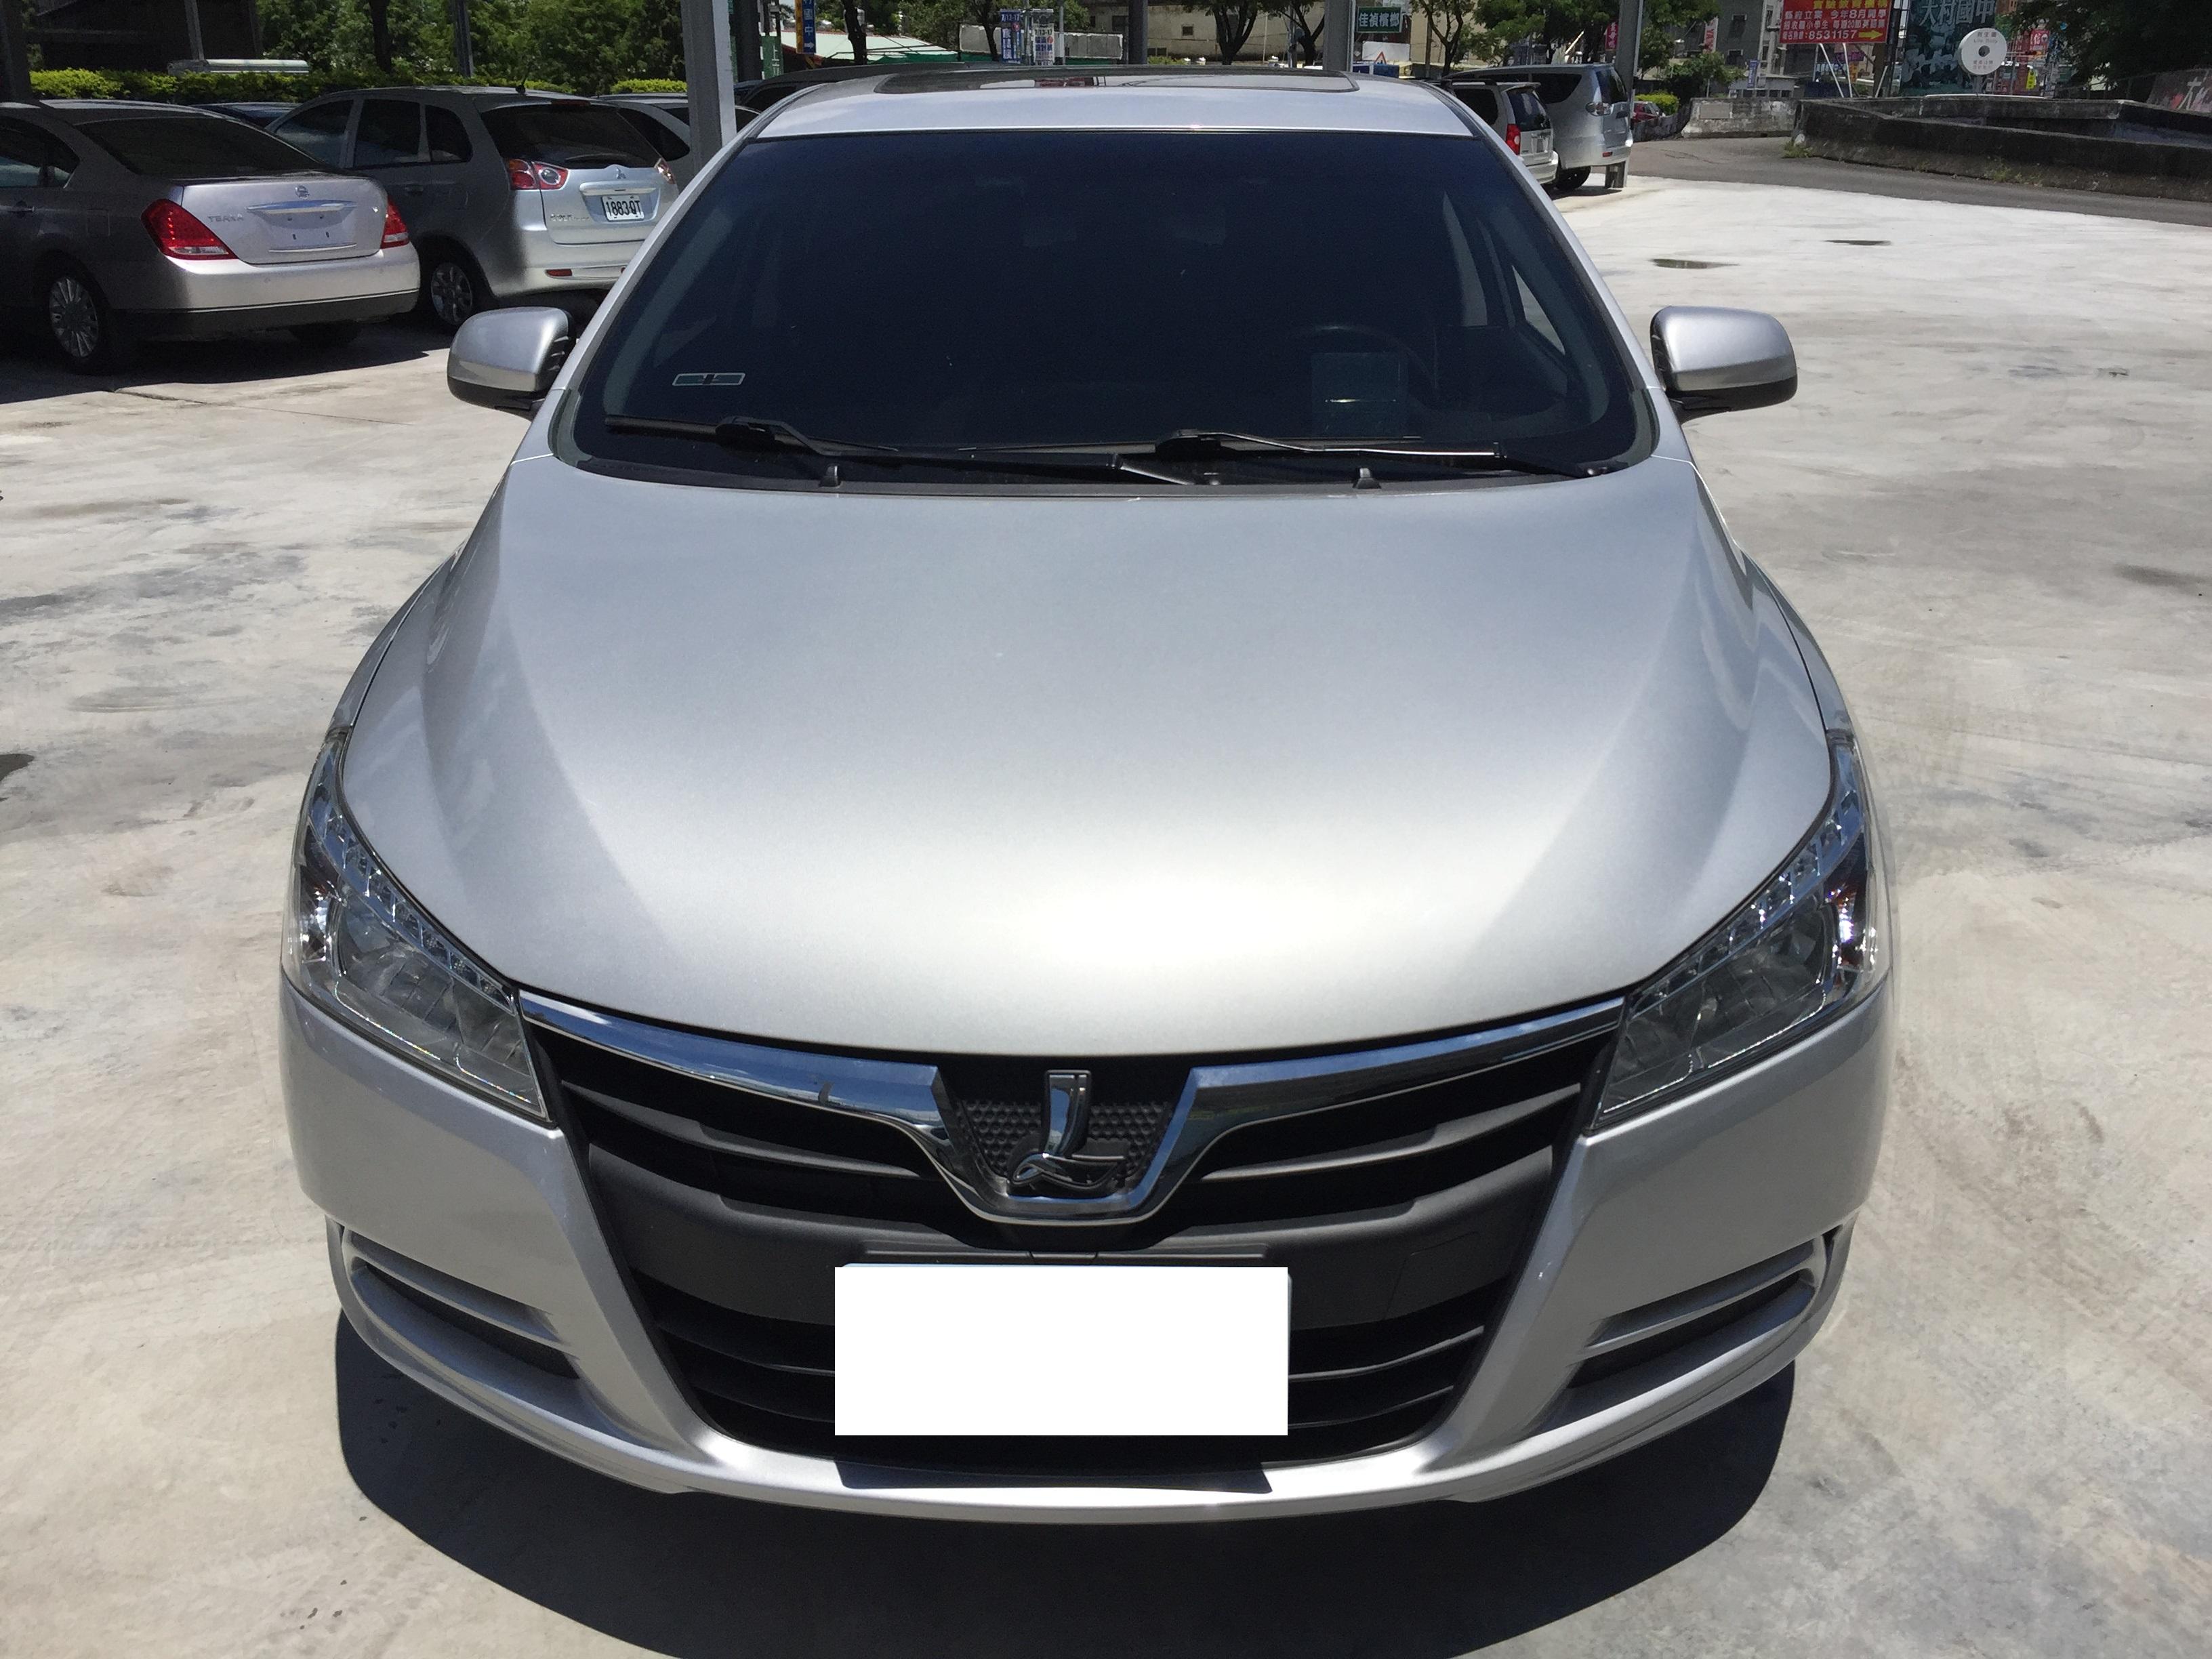 2013 Luxgen 5 sedan